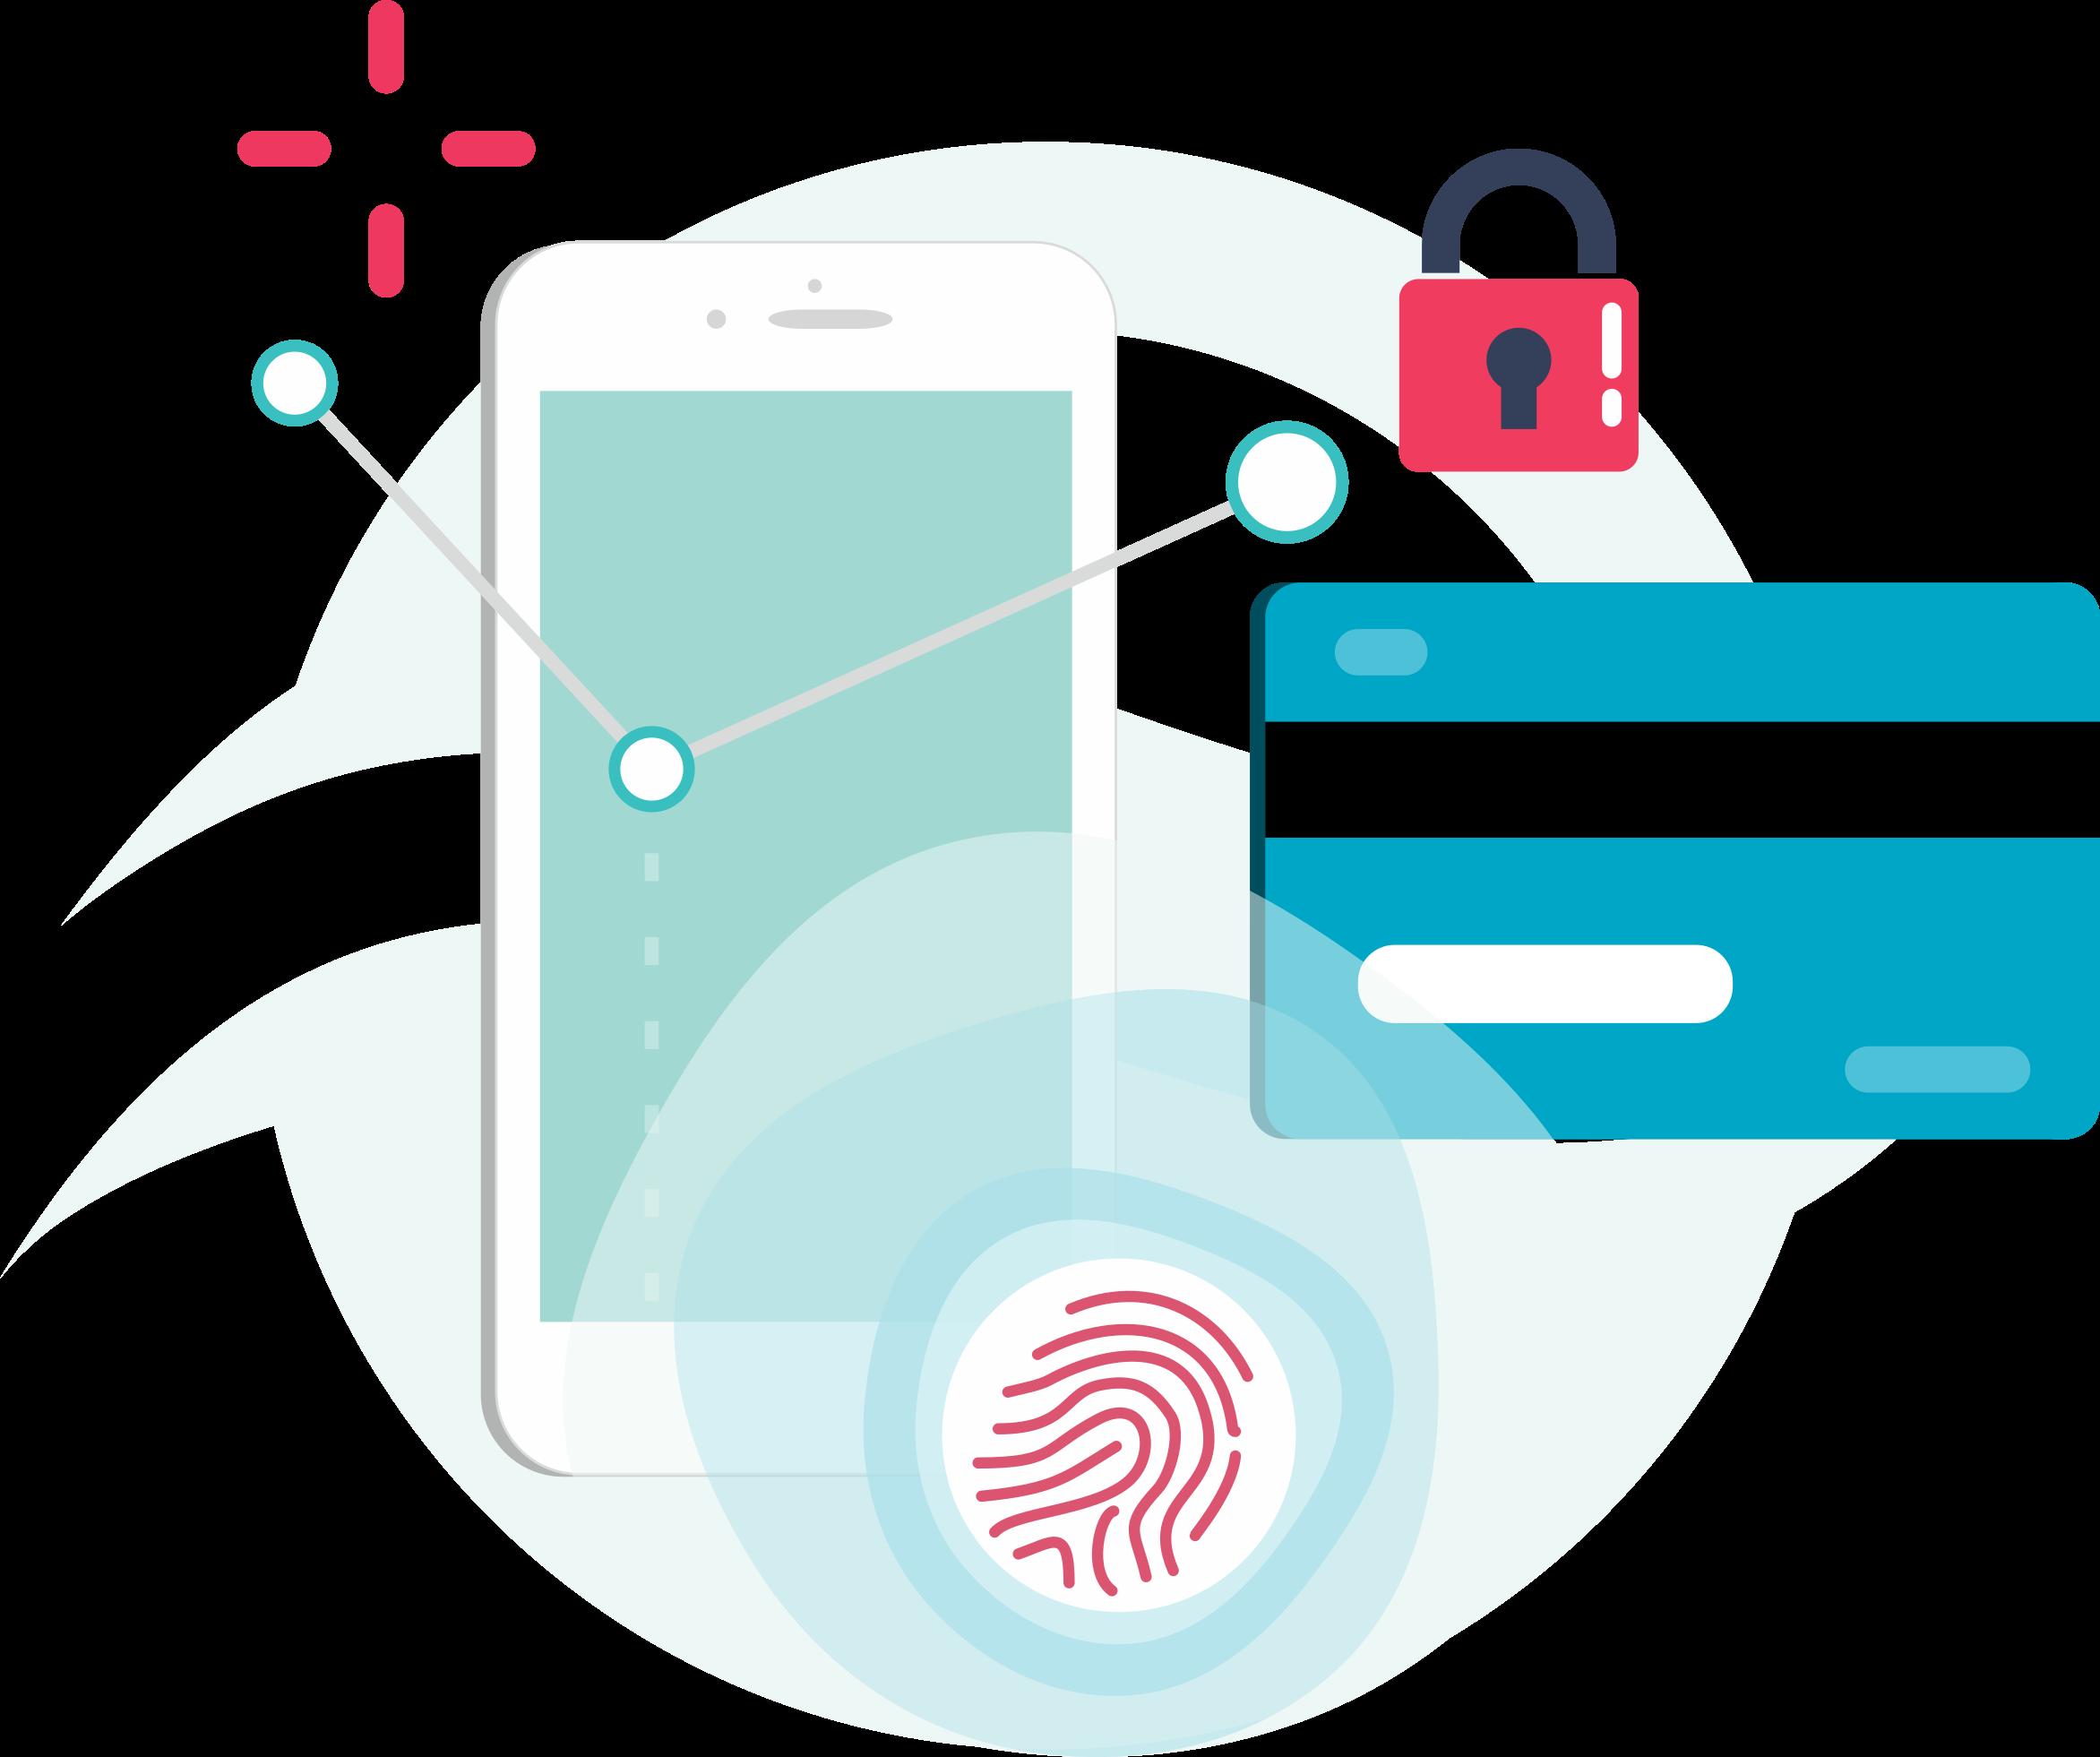 Токенизация платежных карт для интернет-магазинов реализована в Беларуси